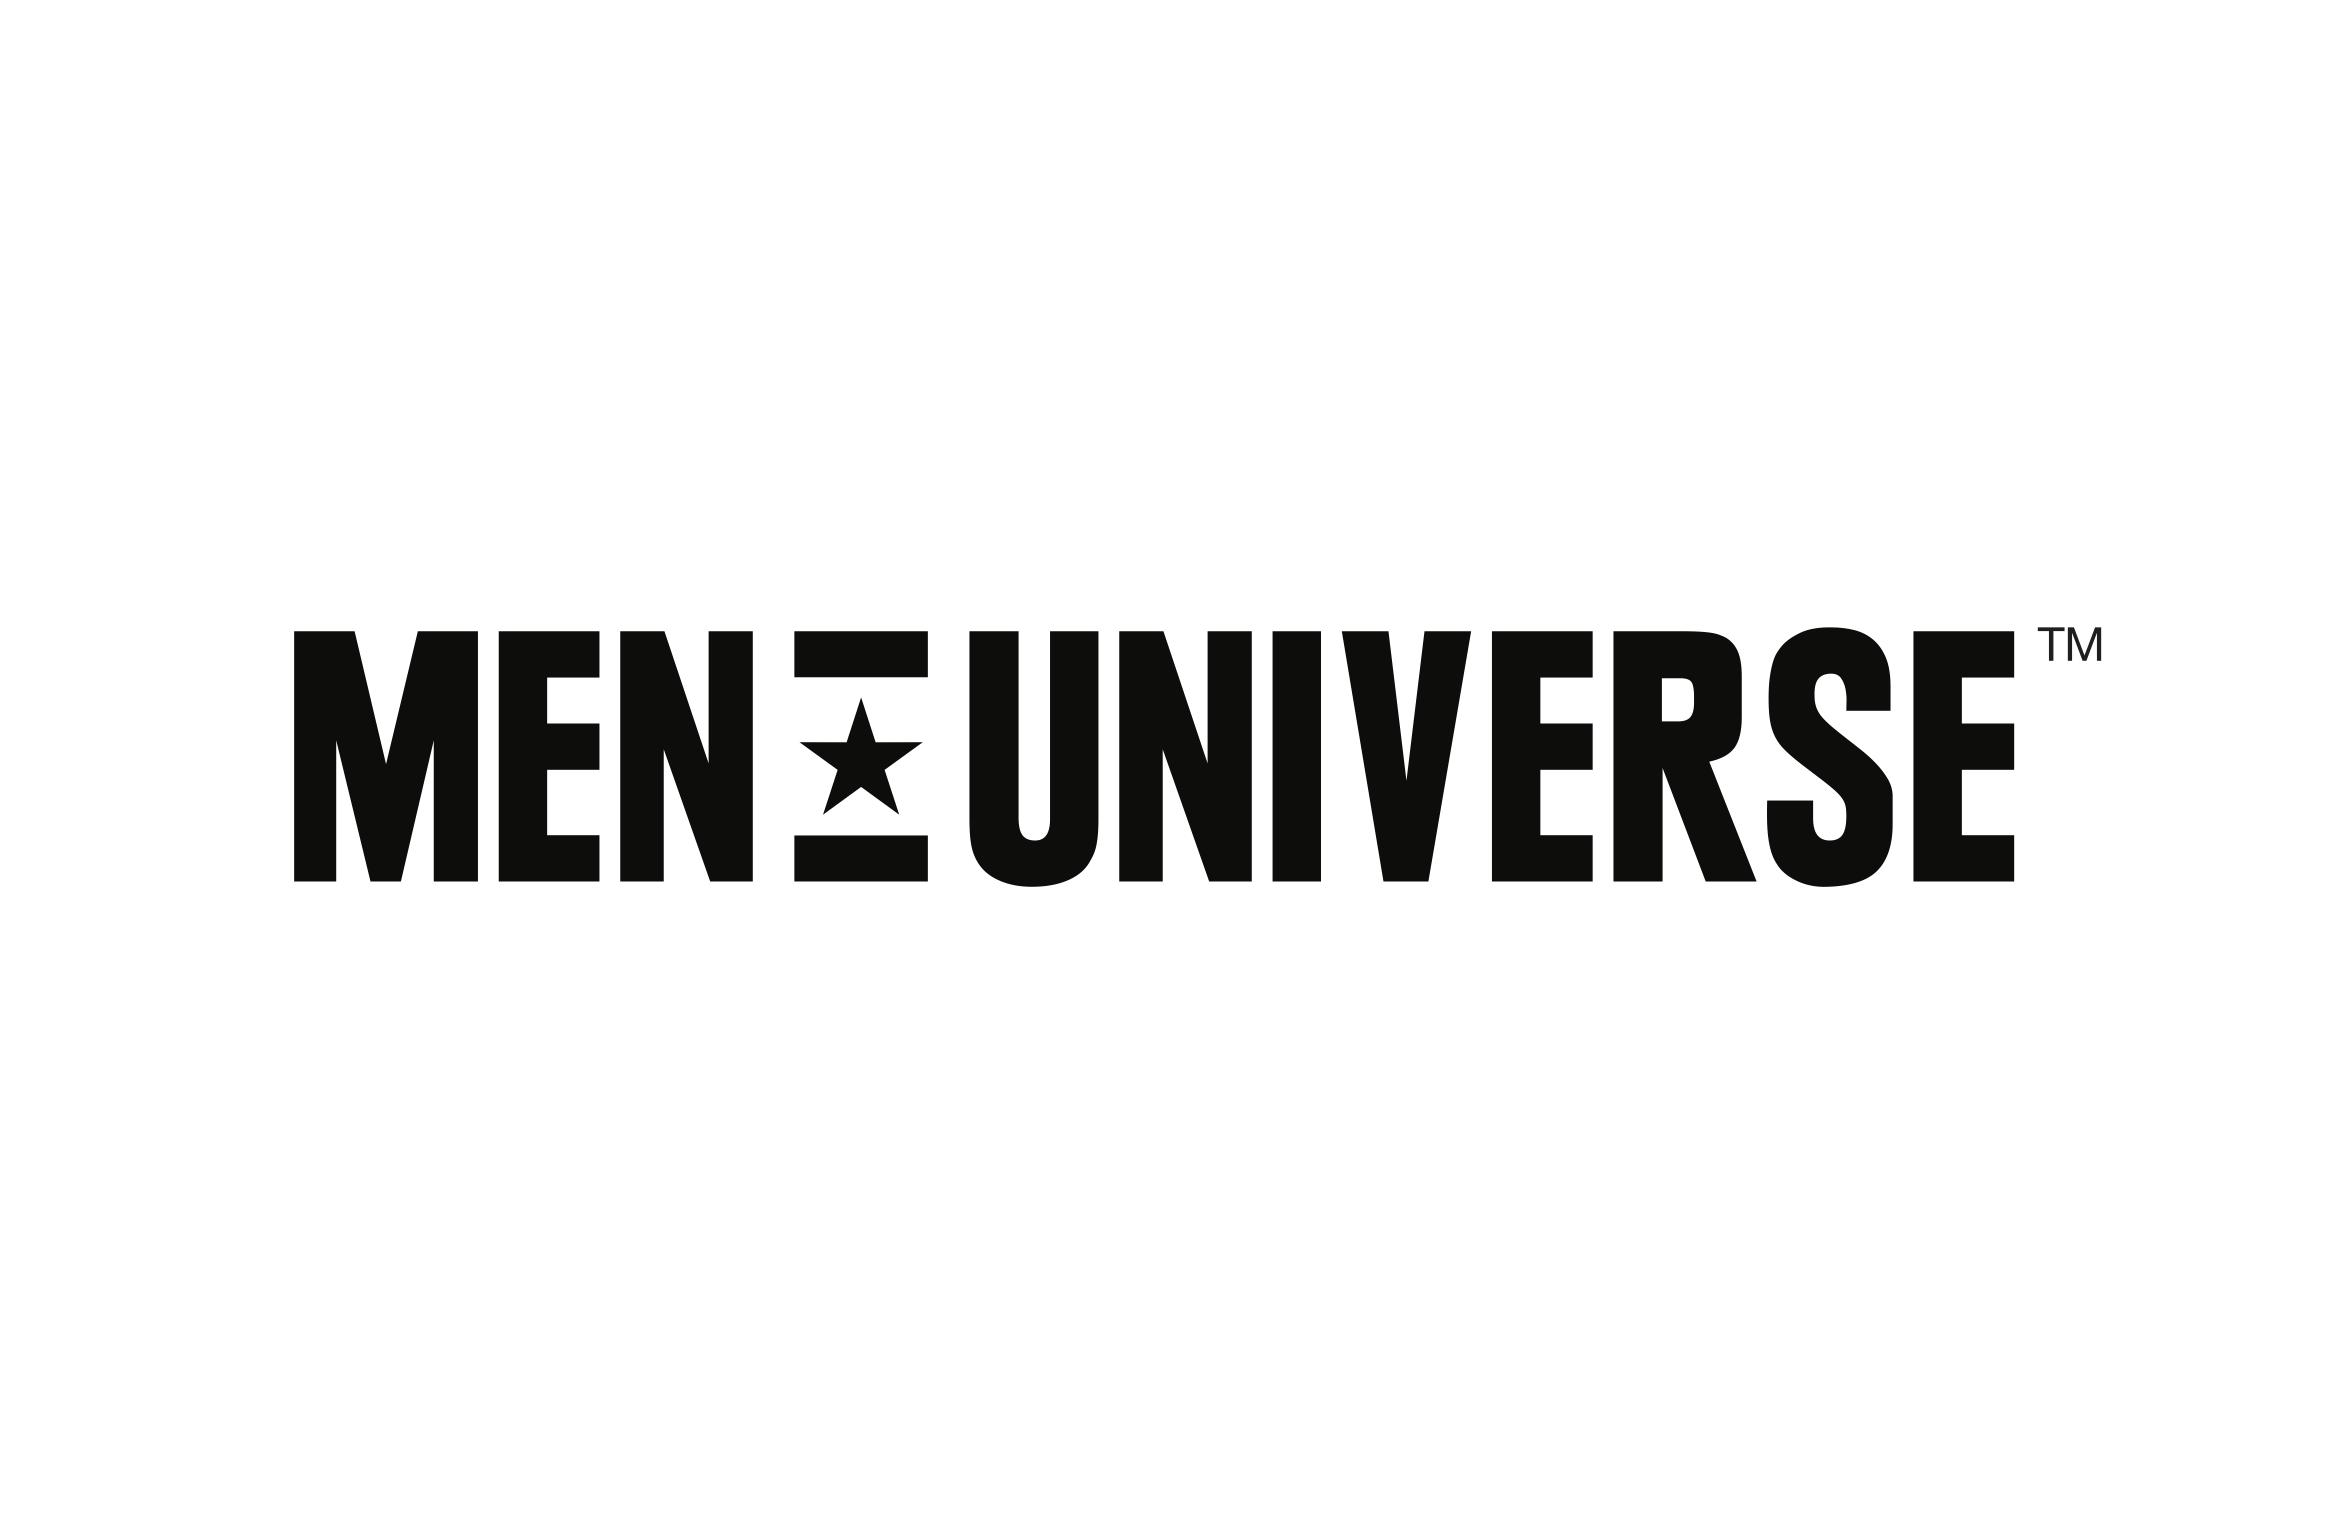 MEN UNIVERSE / WOMEN UNIVERSE